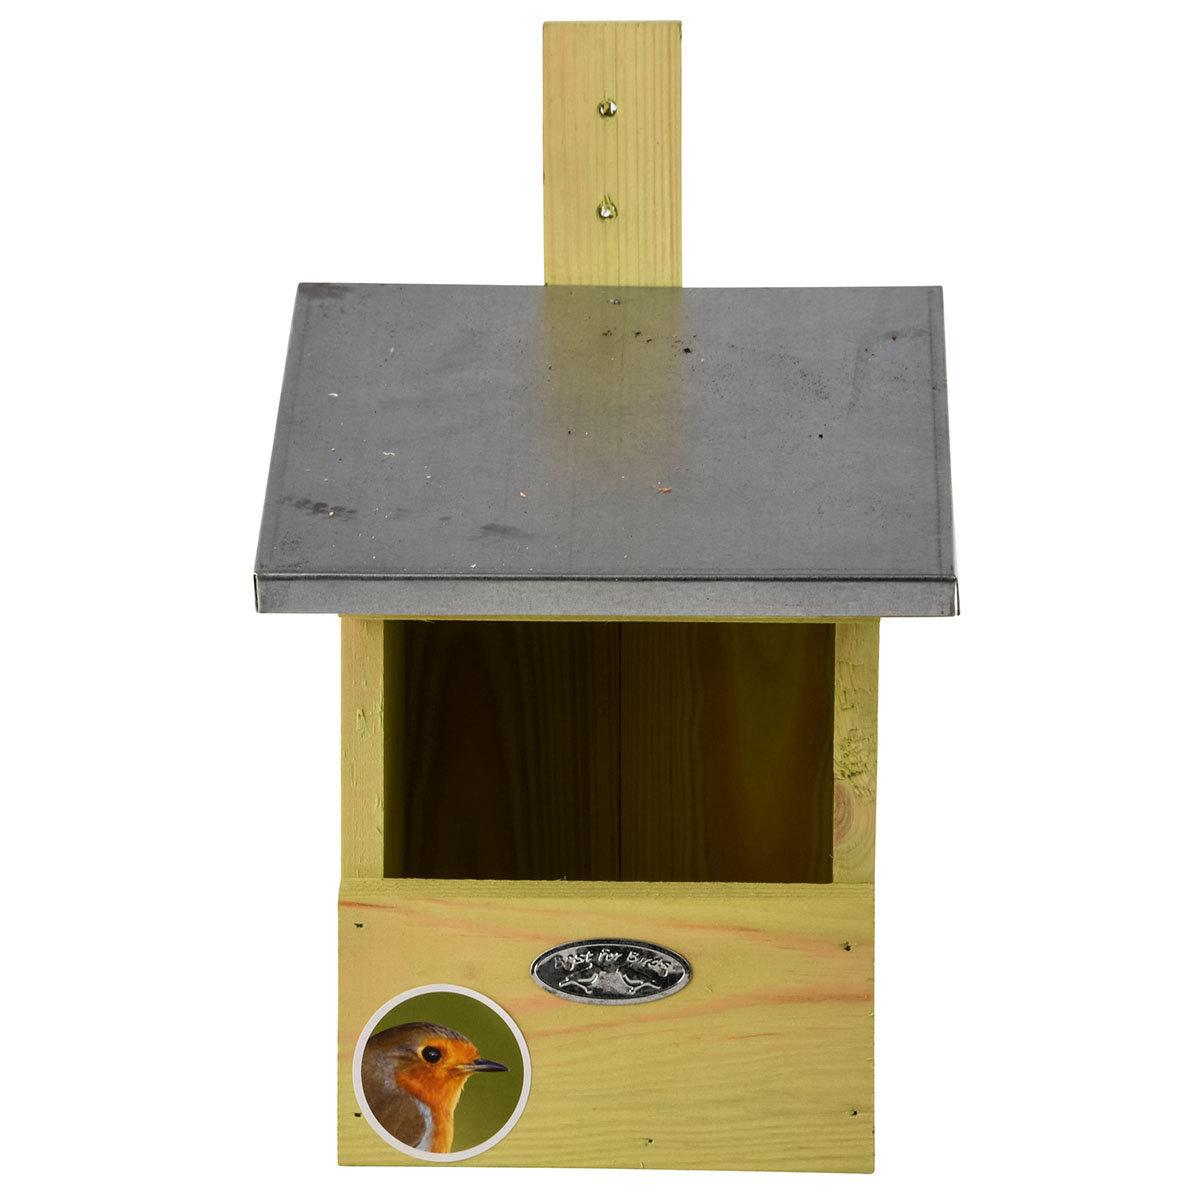 Nistkasten Rotkehlchen mit Zinkdach, ca. 21 x 19 x 33 cm | #2